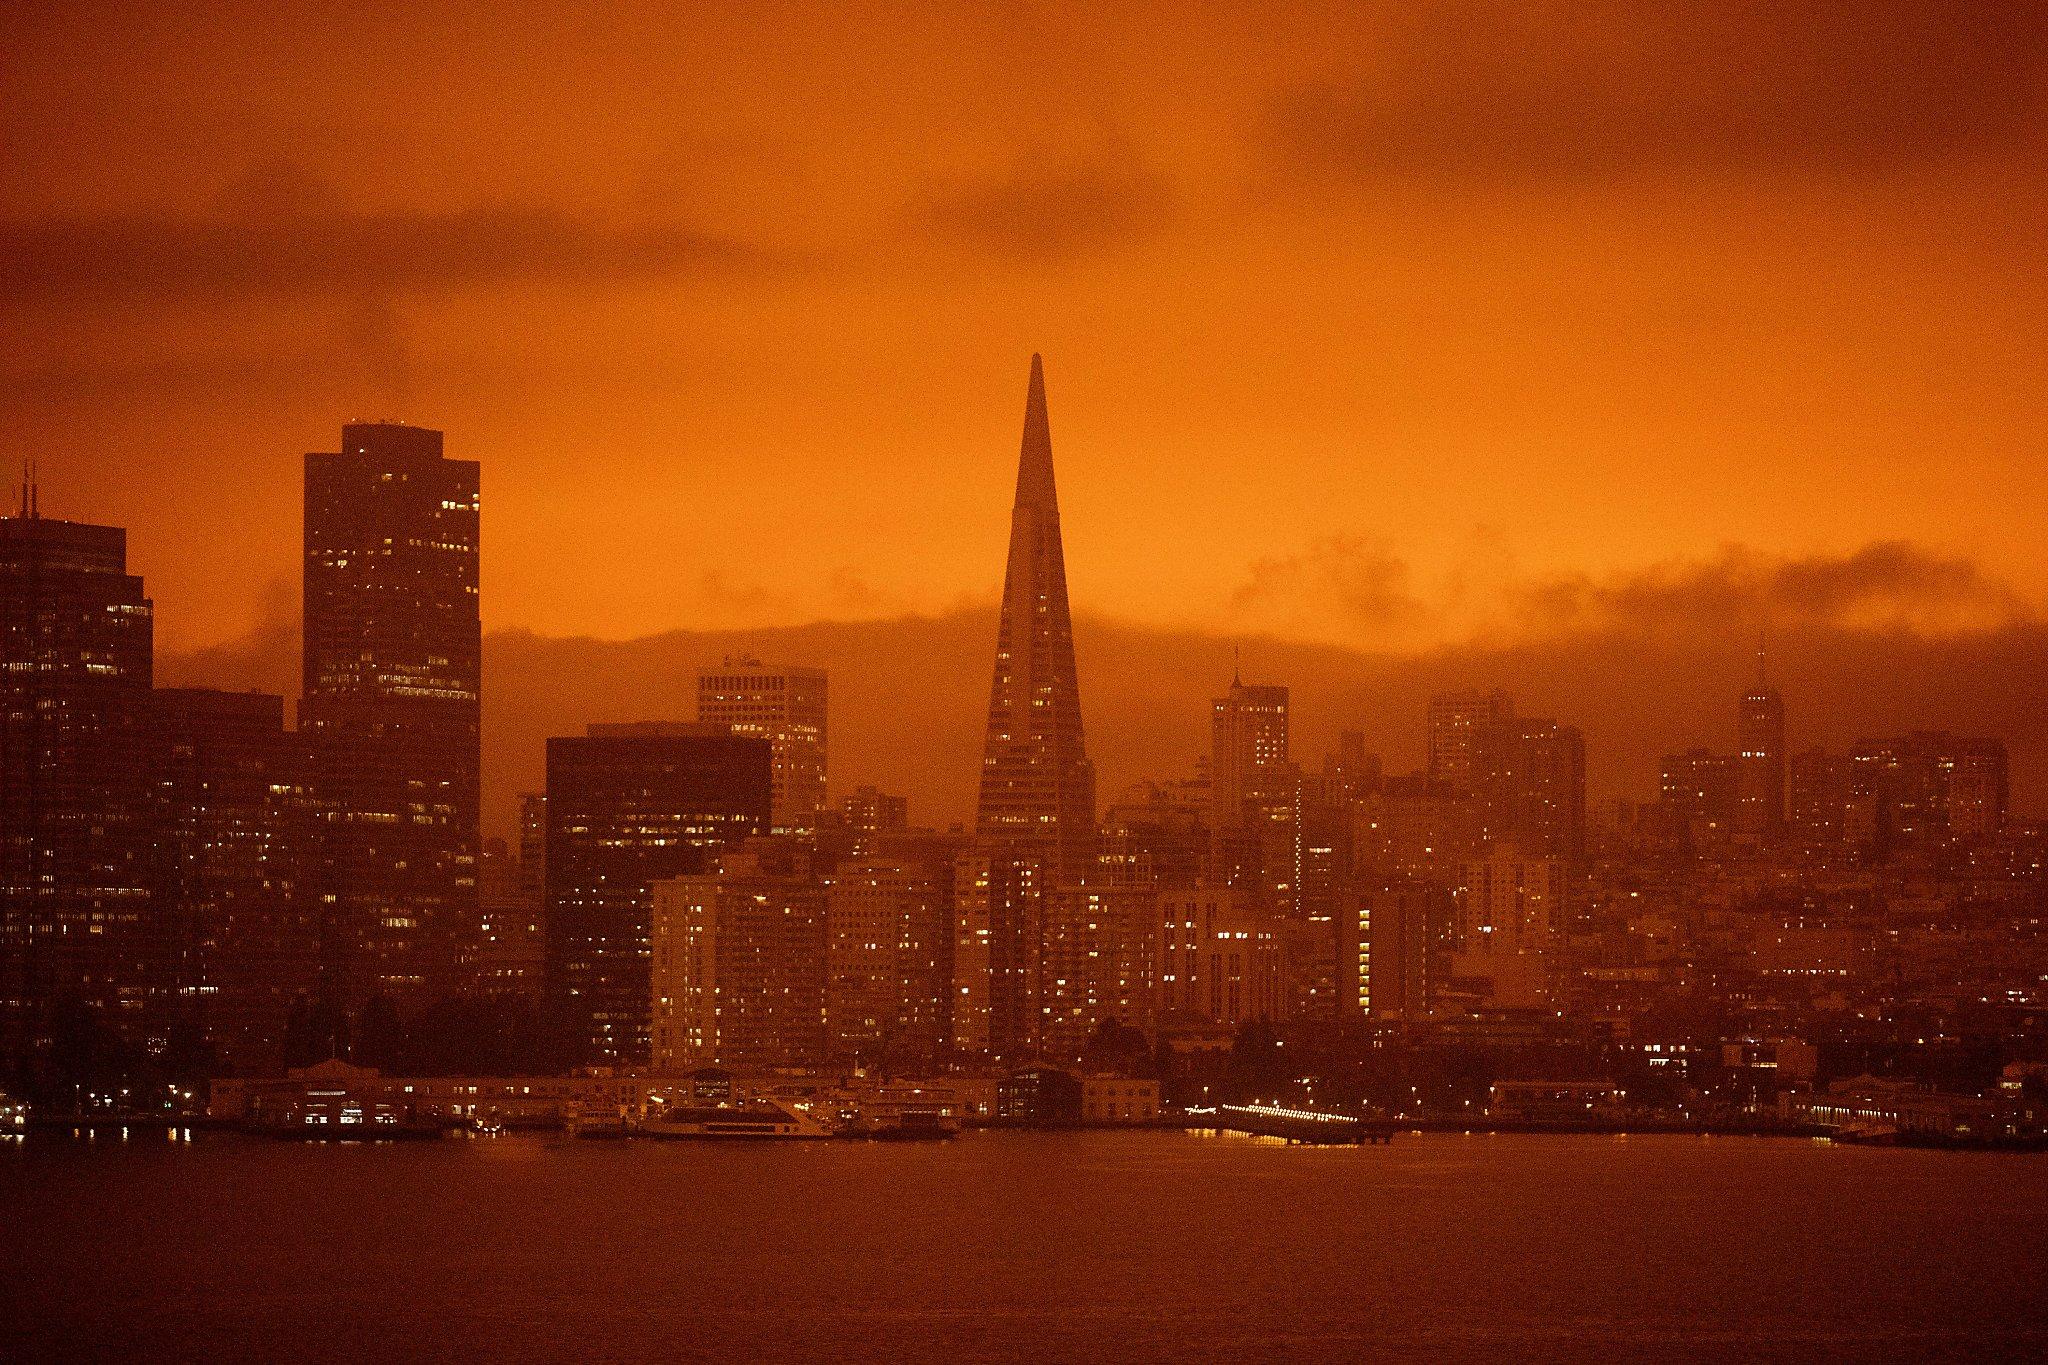 'Apocalypse on their mind': Bay Area transfixed by foreboding, orange, smoke-choked skies